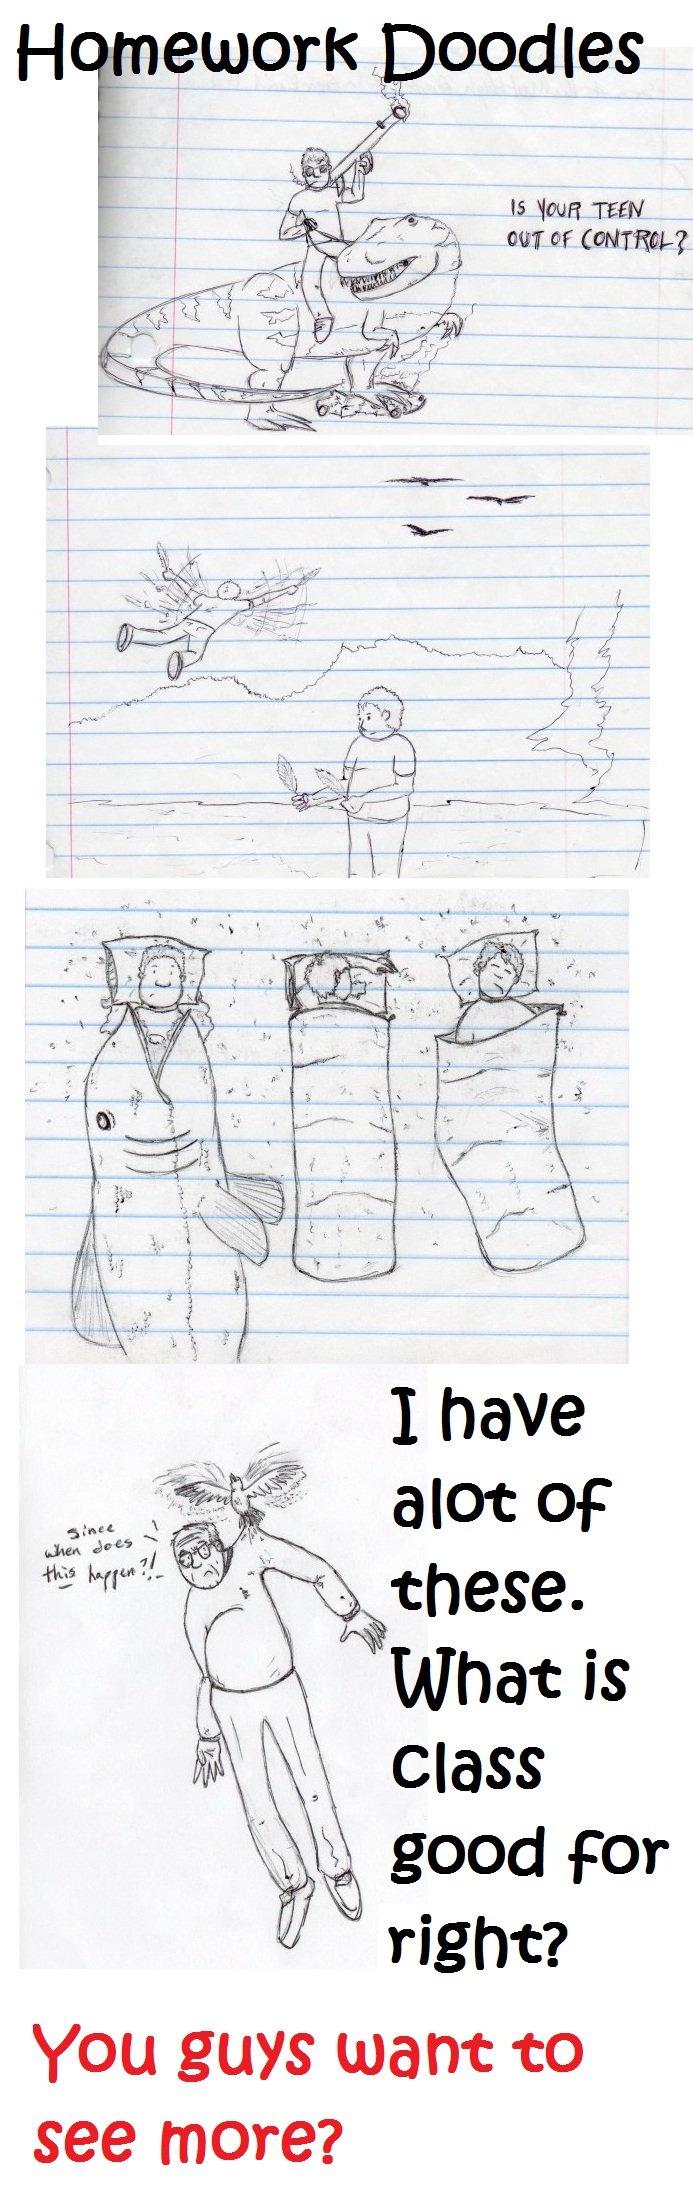 Homework Doodles. /funny_pictures/623371/Homework+Doodles+3/<br /> /funny_pictures/621811/Homework+Doodles+2/<br /> Dont judge. School is boring.&lt warkoch homework Doodles